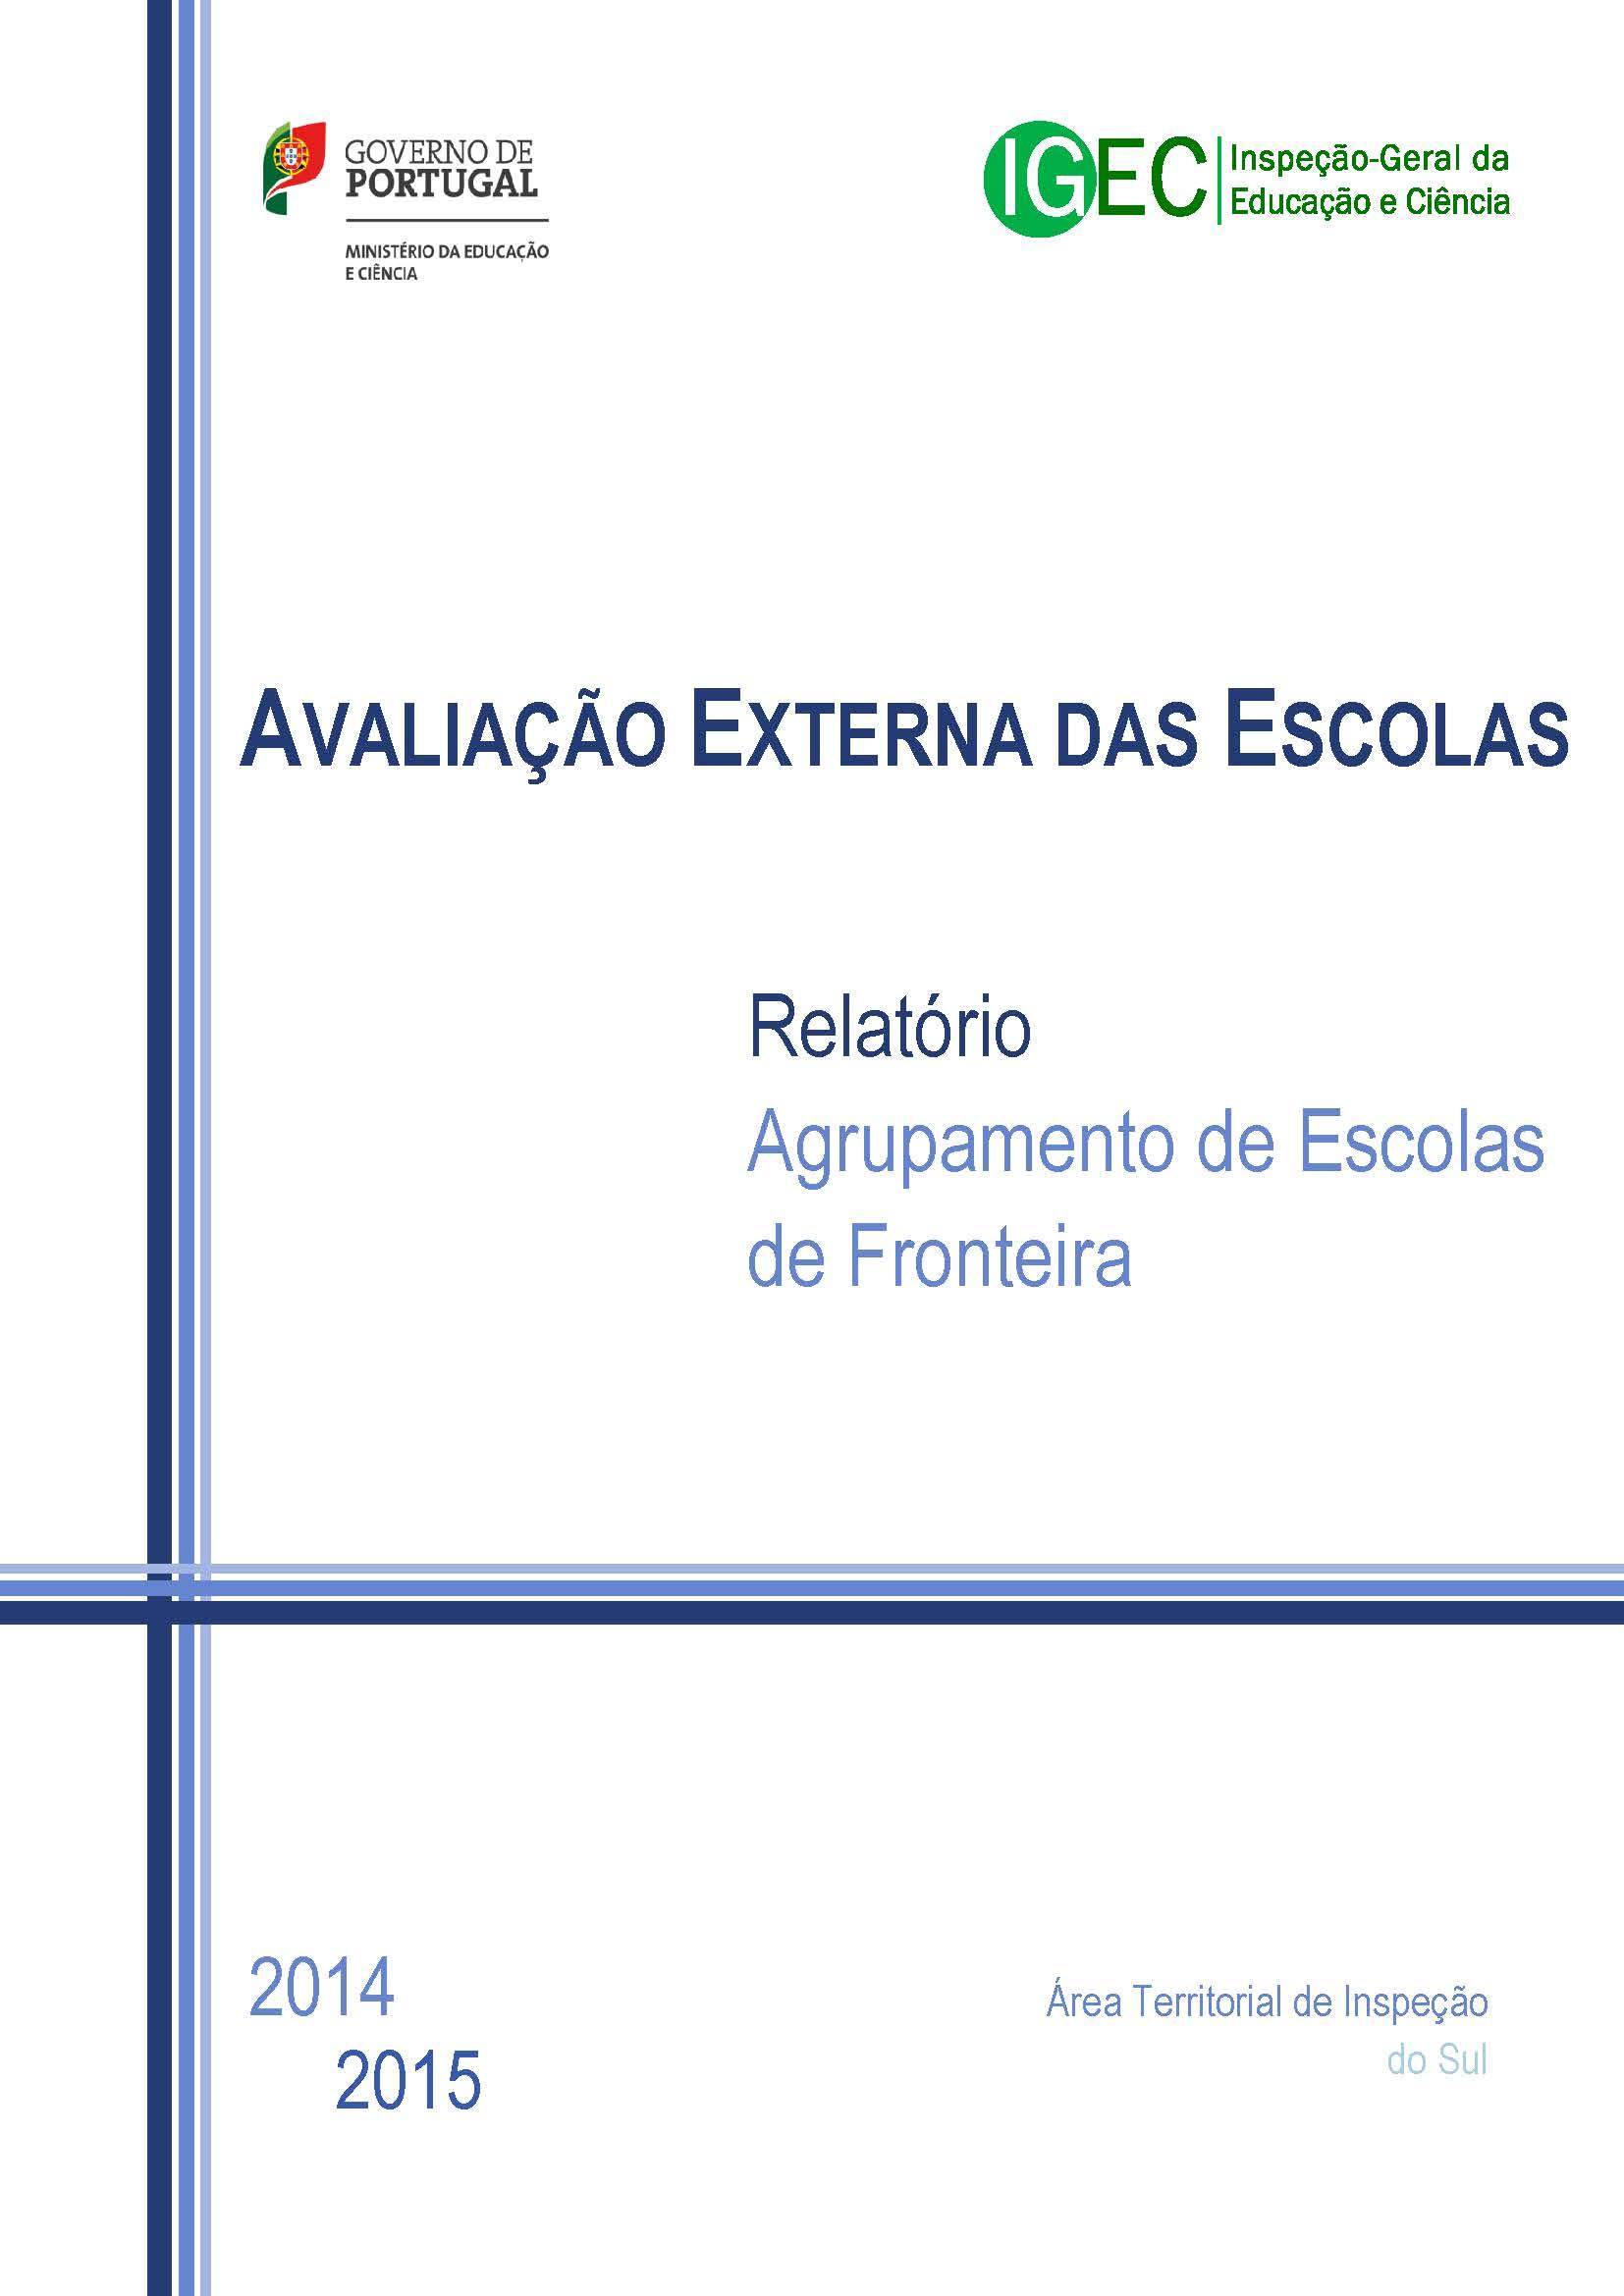 AVALIAÇÃO EXTERNA DAS ESCOLAS